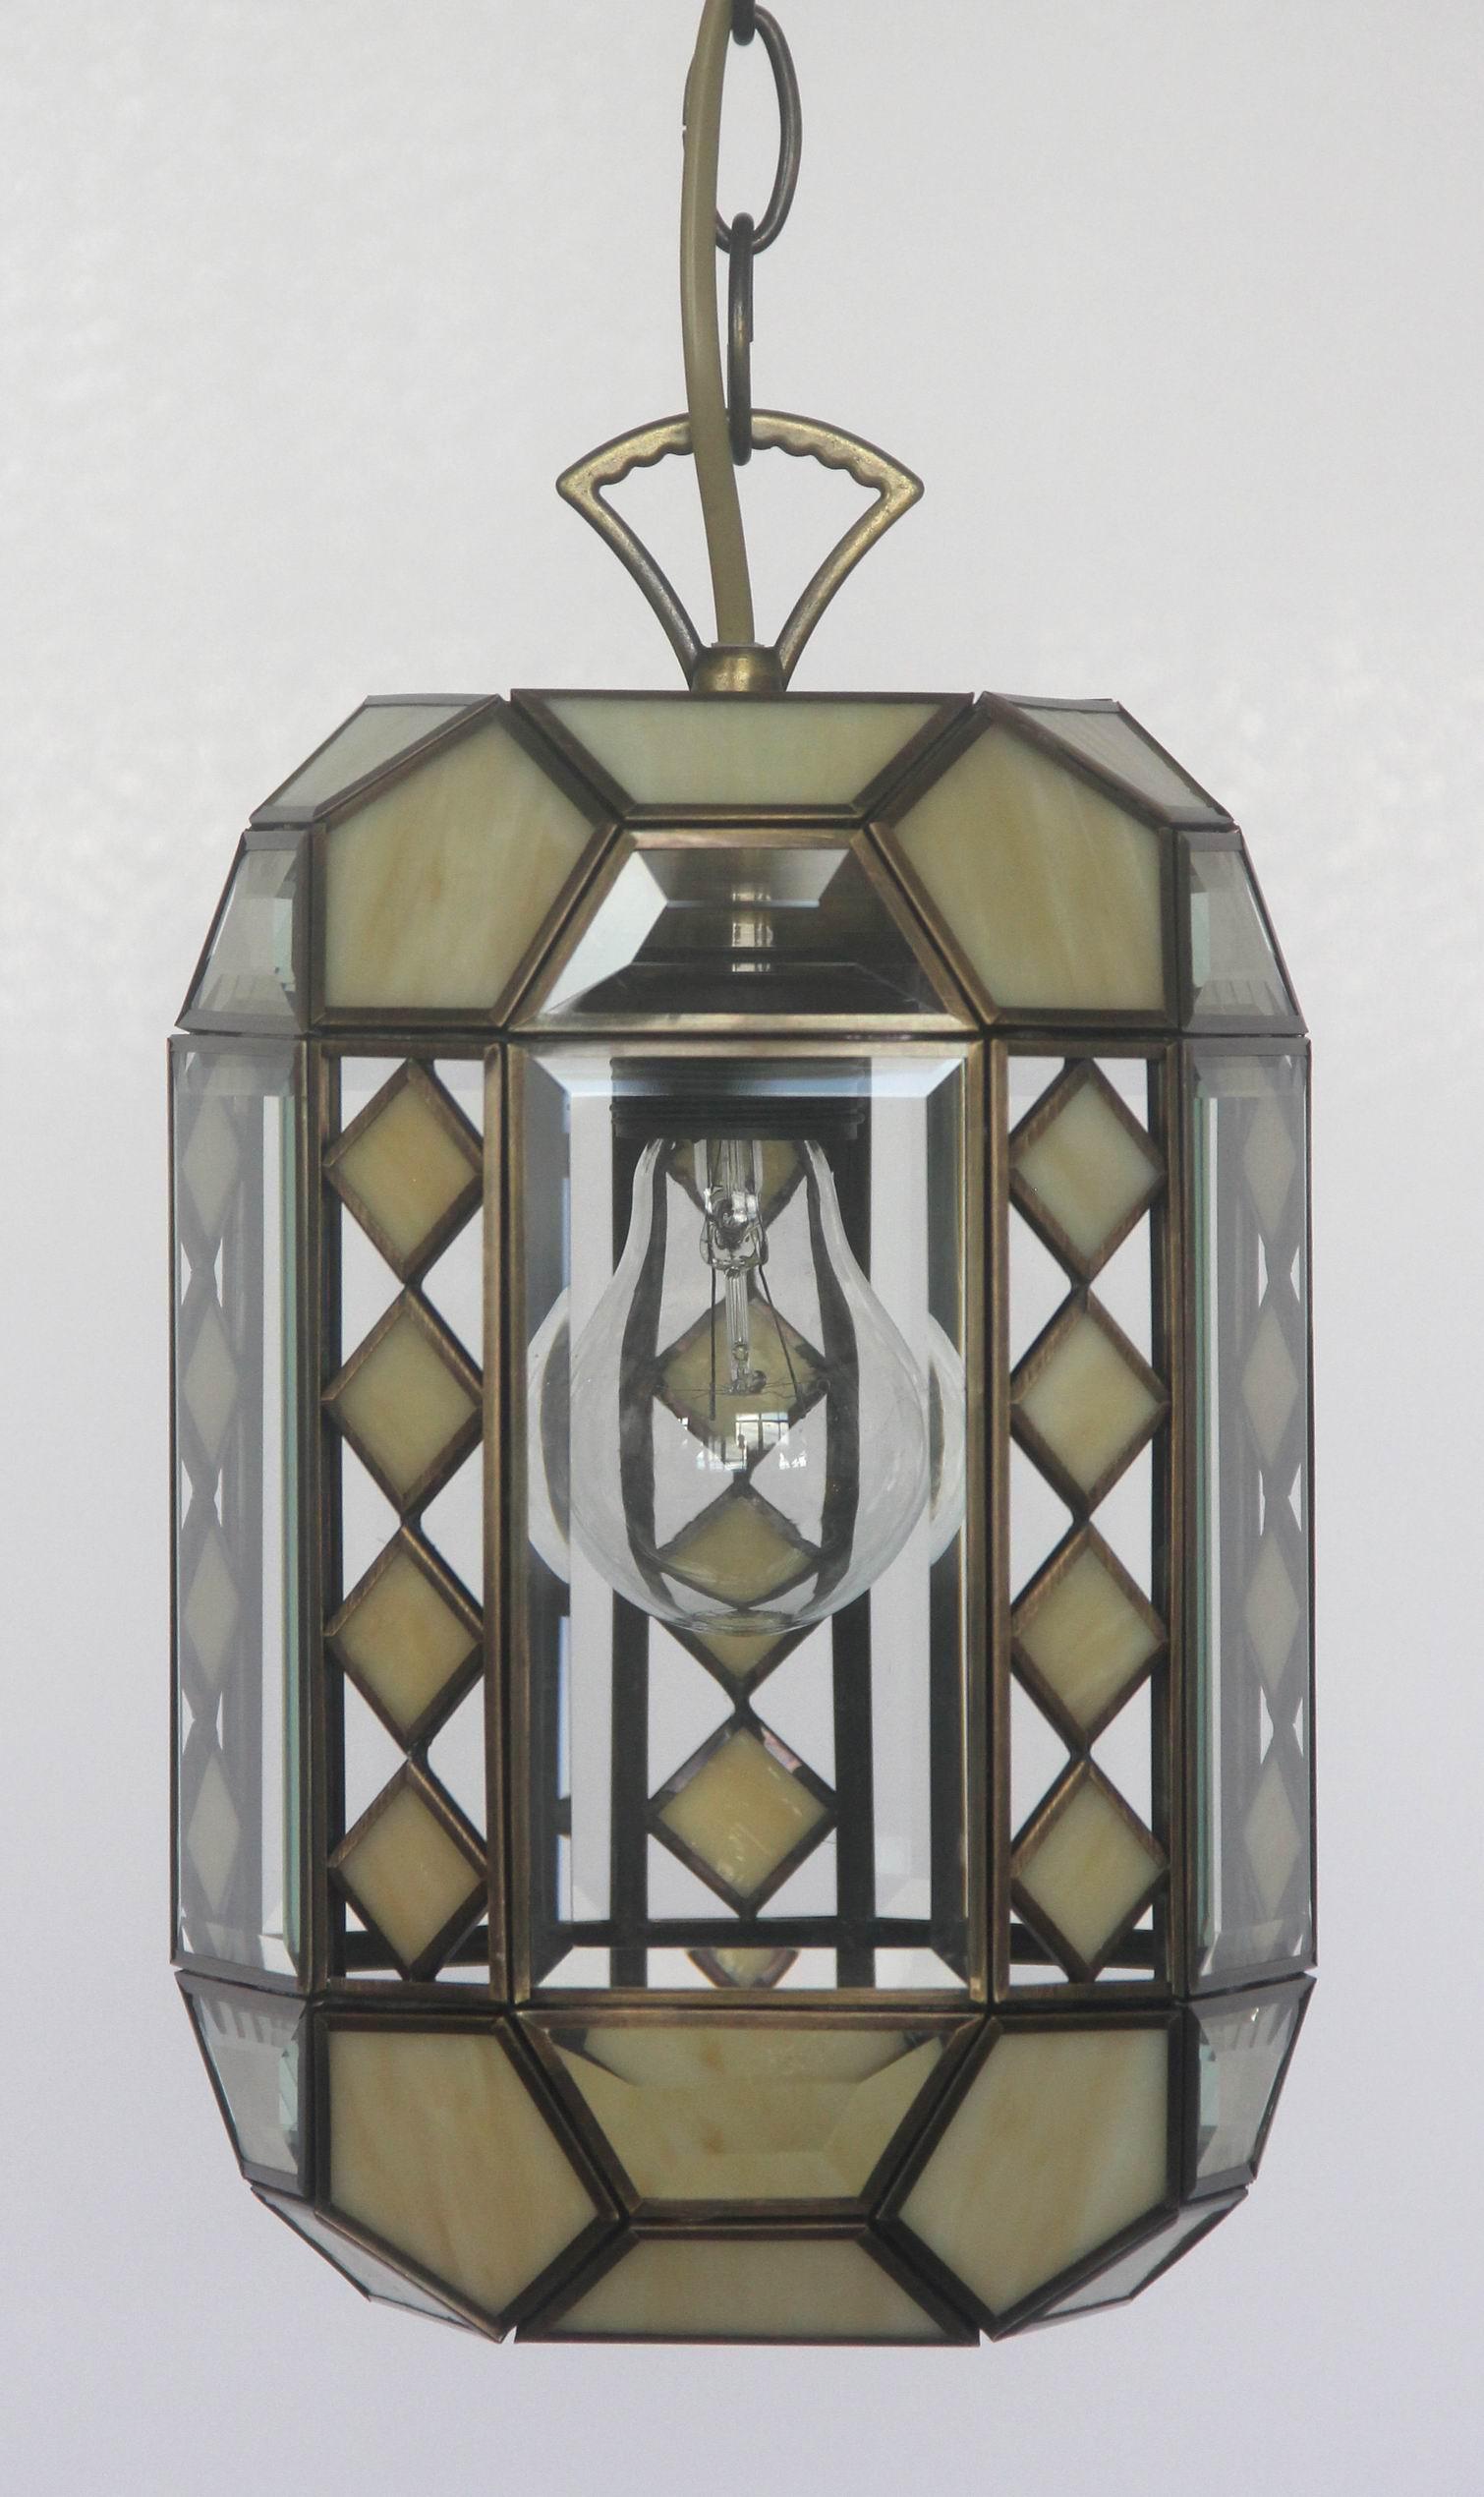 Светильник подвесной CitiluxСветильники подвесные<br>Количество ламп: 1, Мощность: 75, Назначение светильника: для комнаты, Стиль светильника: модерн, Материал светильника: металл, стекло, Тип лампы: накаливания, Патрон: Е27, Цвет арматуры: бежевый, Коллекция: Фасет<br>